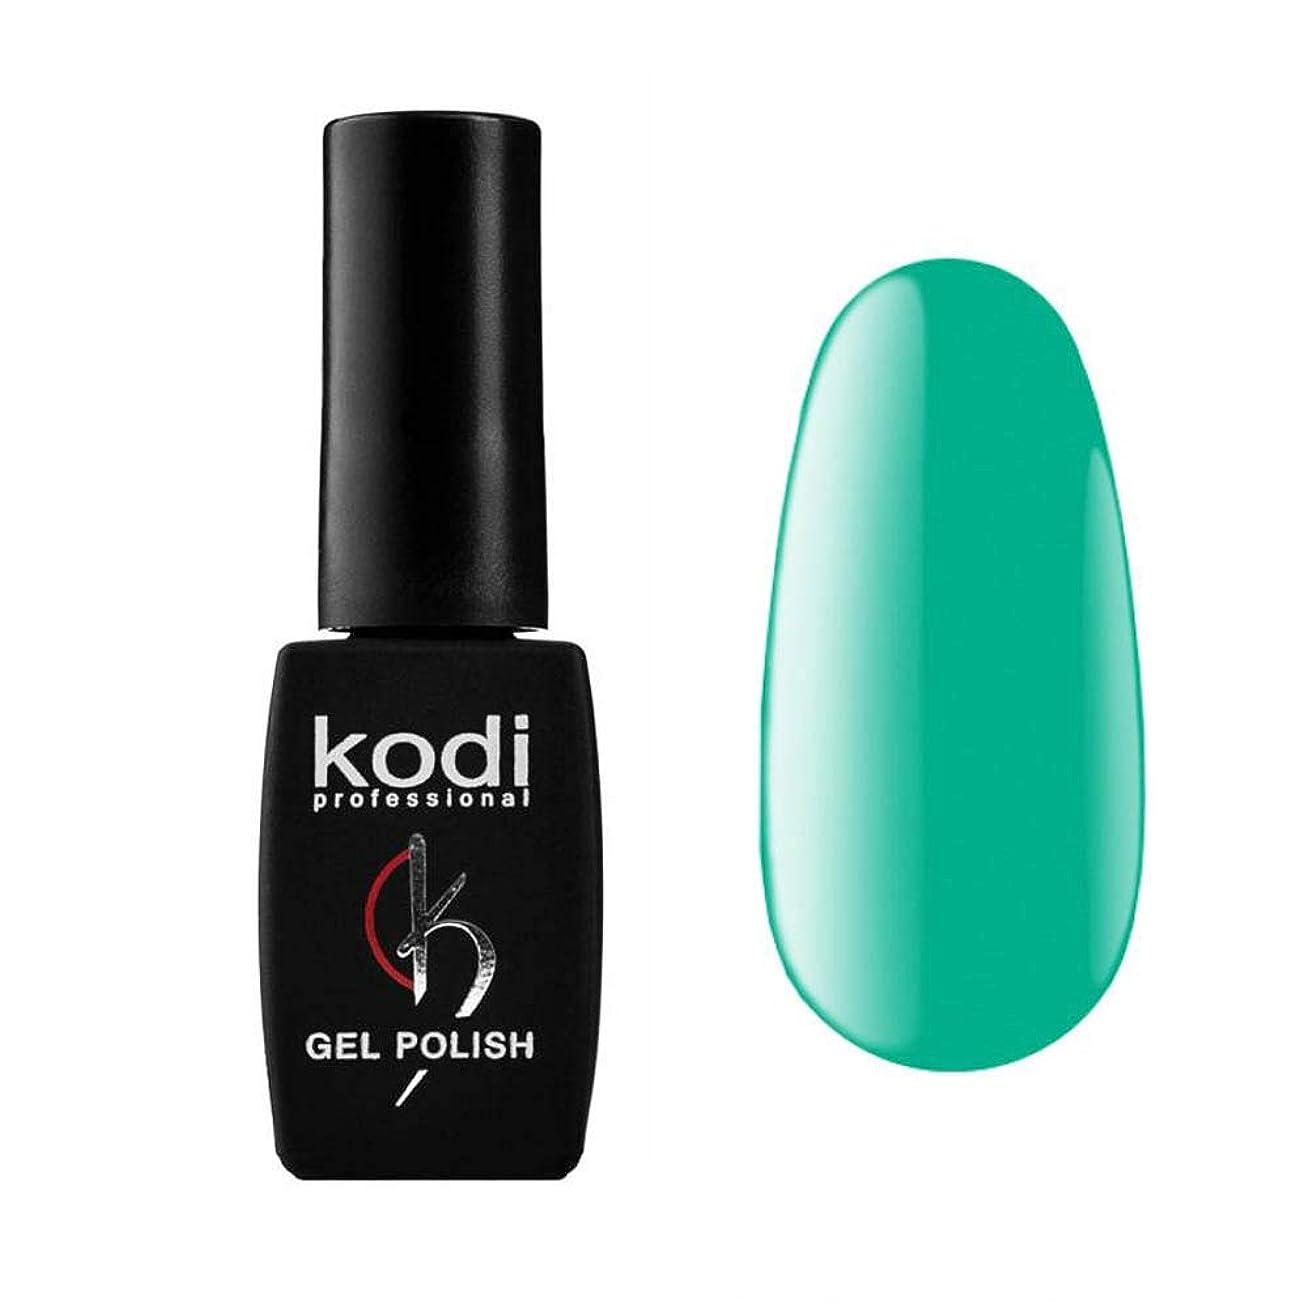 呼びかけるゆるく週間Kodi Professional New Collection AQ AQUAMARINE #20 Color Gel Nail Polish 12ml 0.42 Fl Oz LED UV Genuine Soak Off